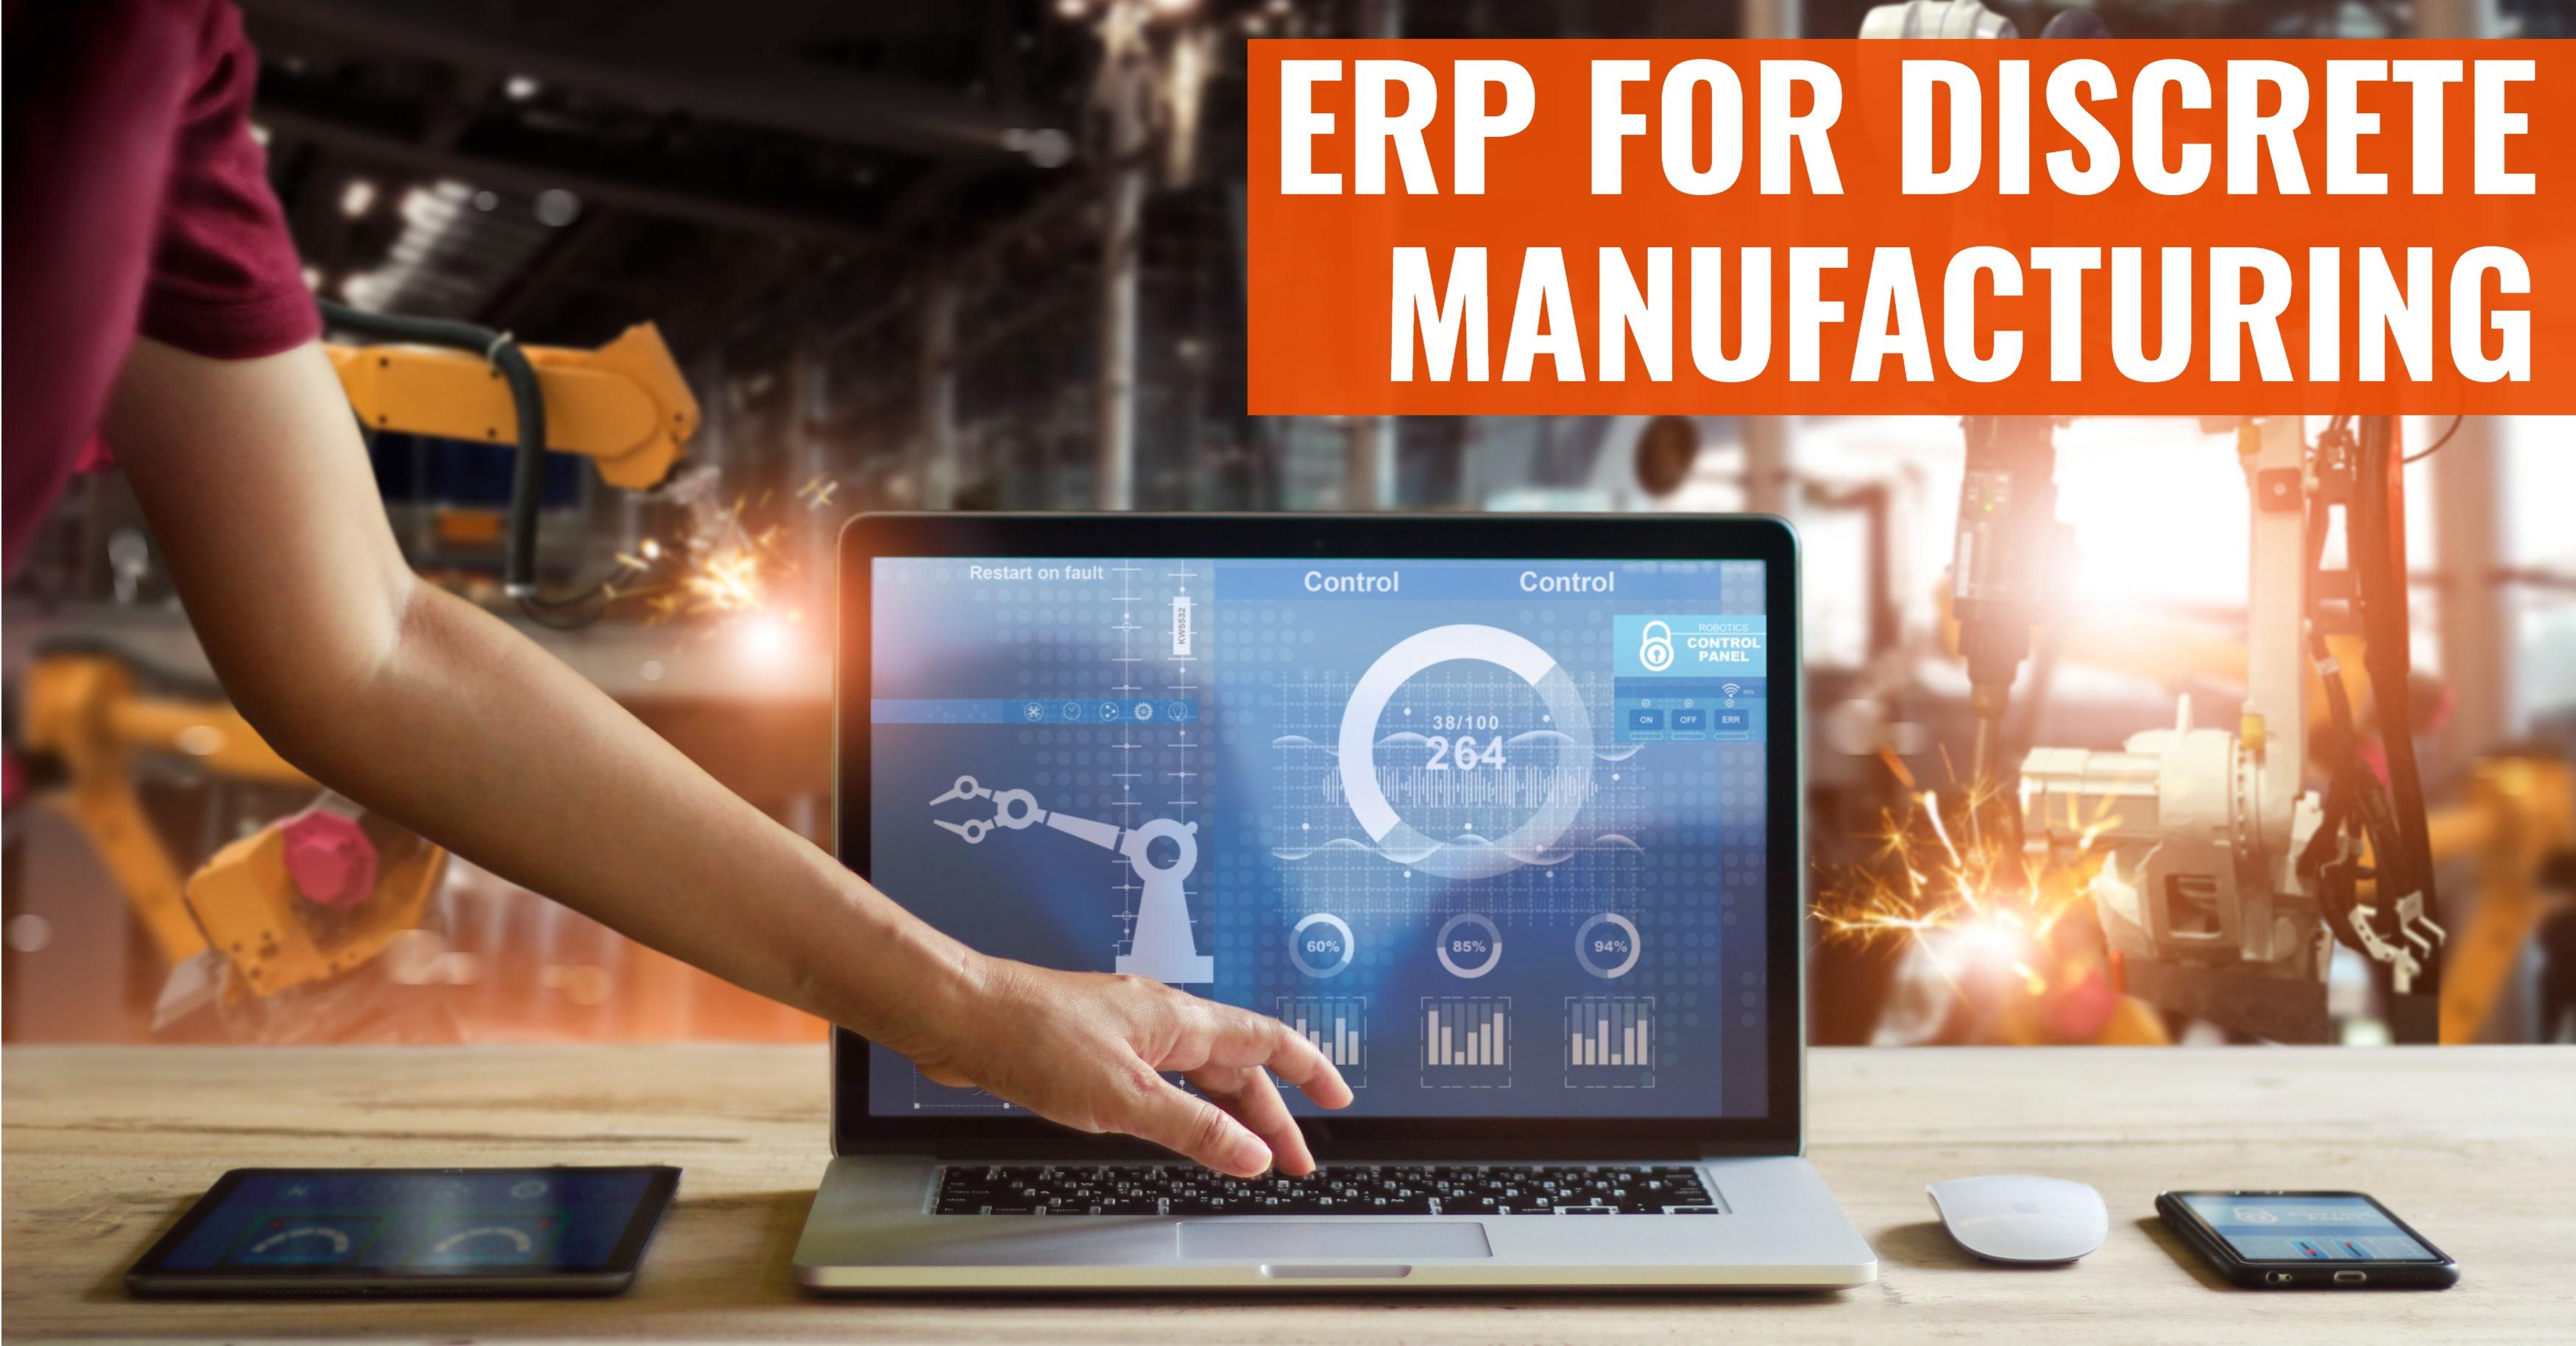 Discrete Manufacturing ERP